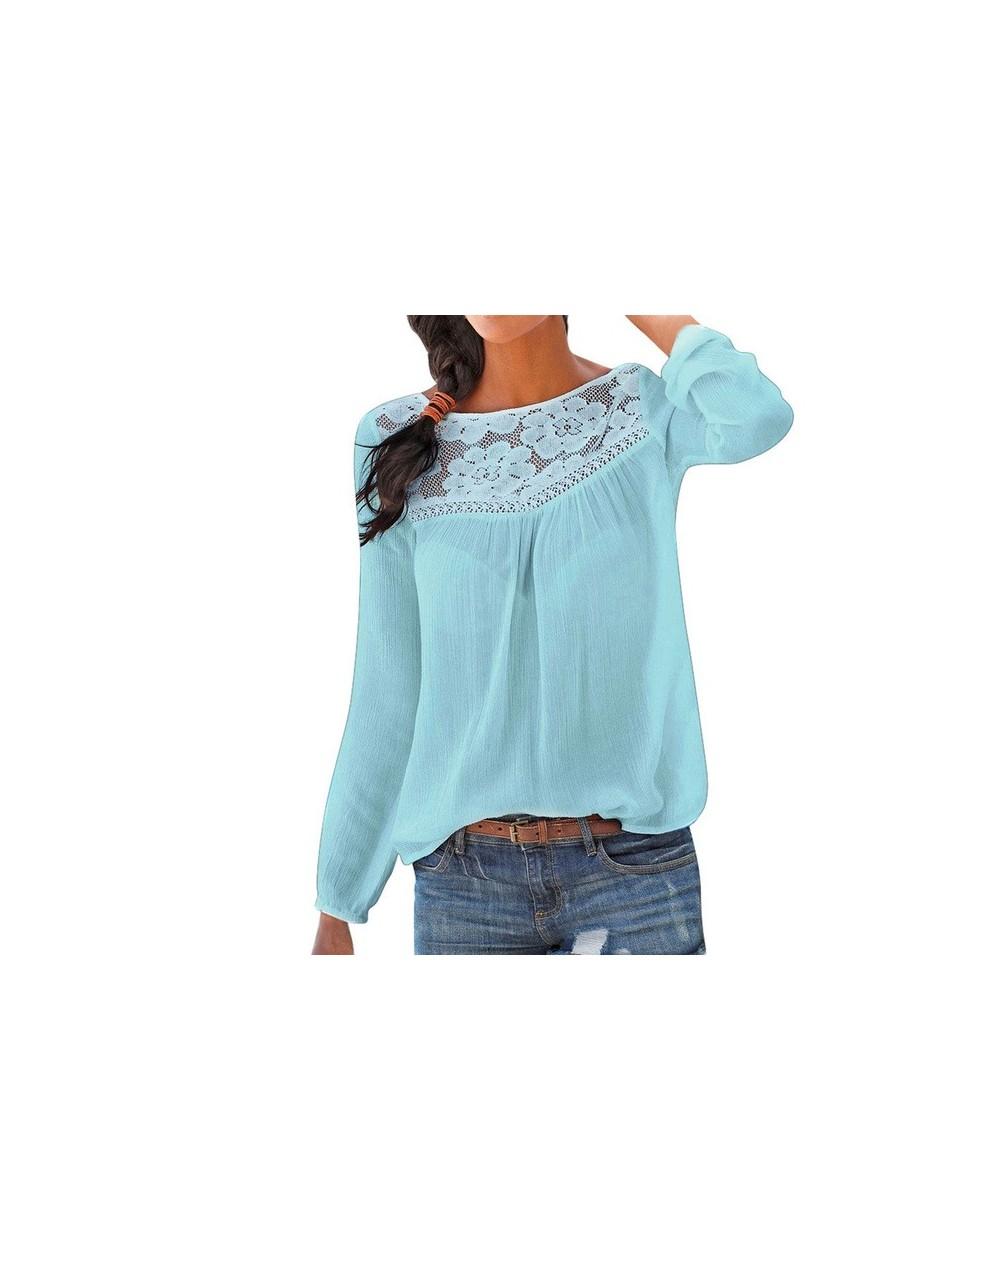 Lace Blouse Women Winter Casual Long sleeve Lace Patchwork Tops Women Blouse Shirt Tunique Femme Manche Longues - Blue - 4C3...